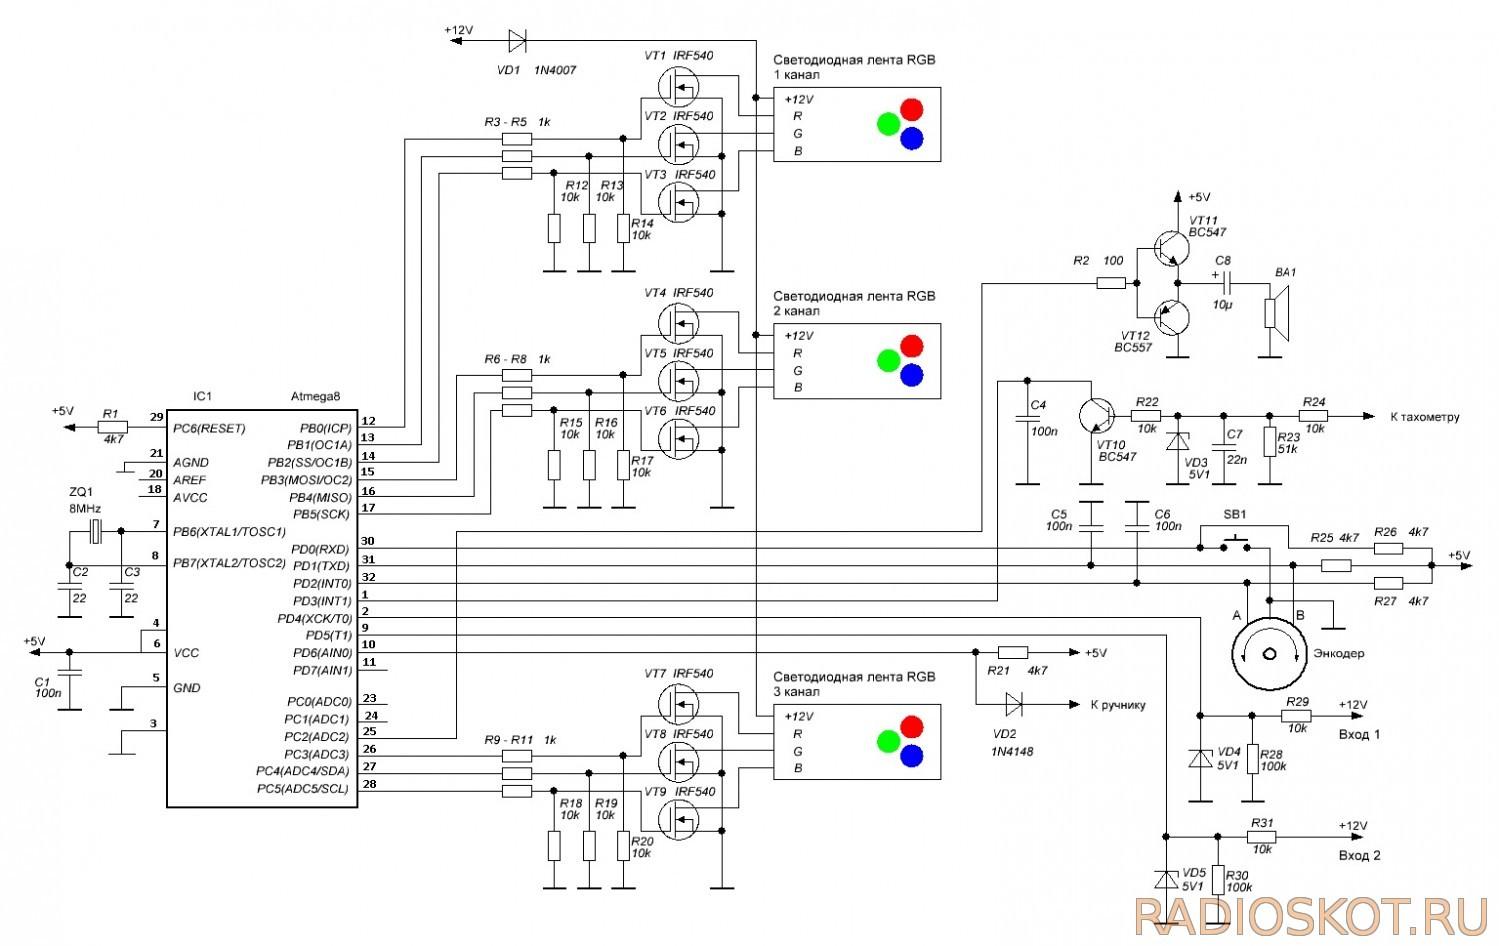 Светодиодная подсветка схема